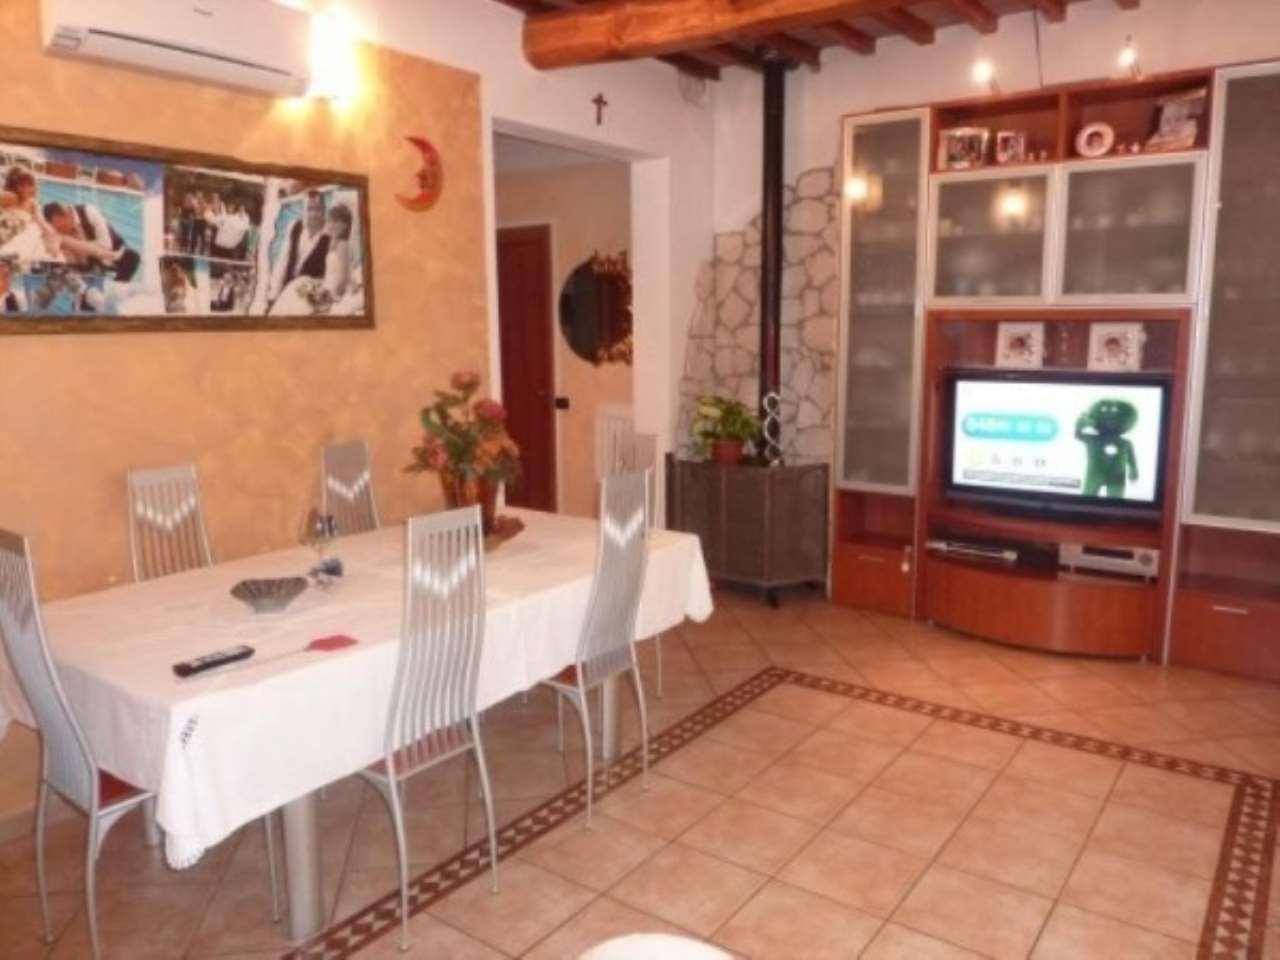 Soluzione Indipendente in vendita a Agliana, 6 locali, prezzo € 320.000 | CambioCasa.it